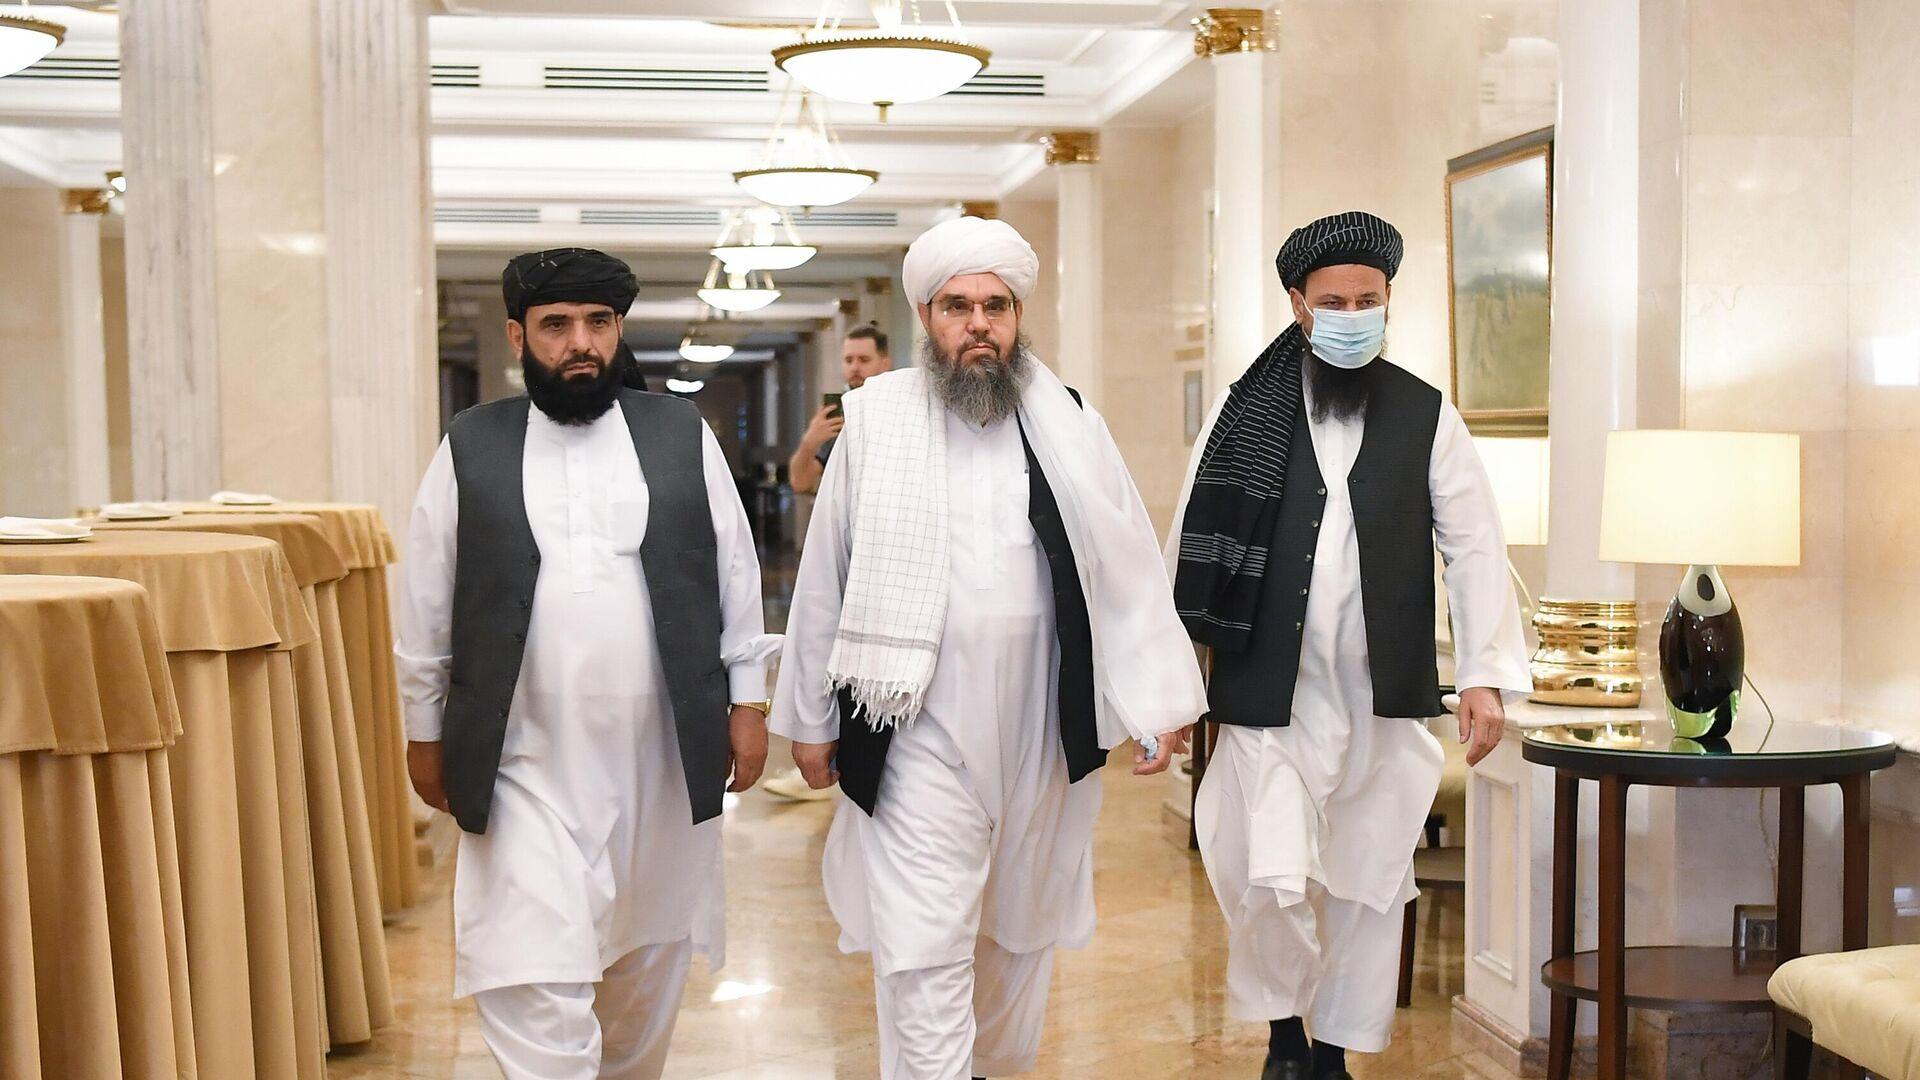 Делегация политического офиса движения Талибан (запрещено в РФ) в Москве - Sputnik Таджикистан, 1920, 08.09.2021